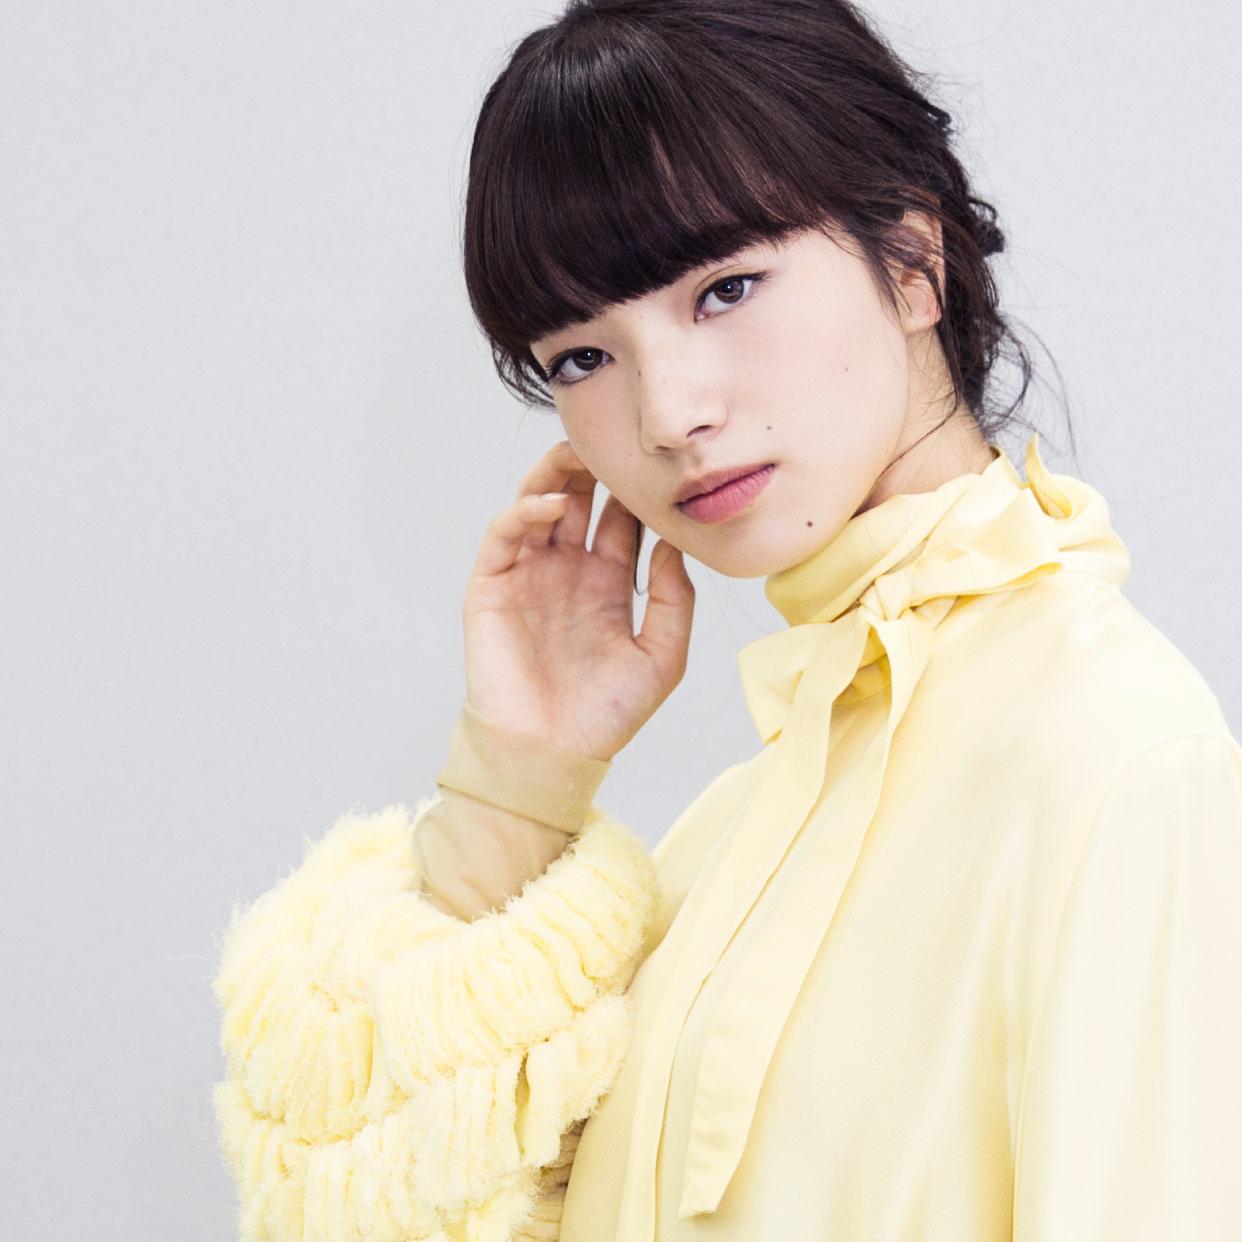 vol.19 小松菜奈さん「昔の服でも自分が着れば自分の色になる」